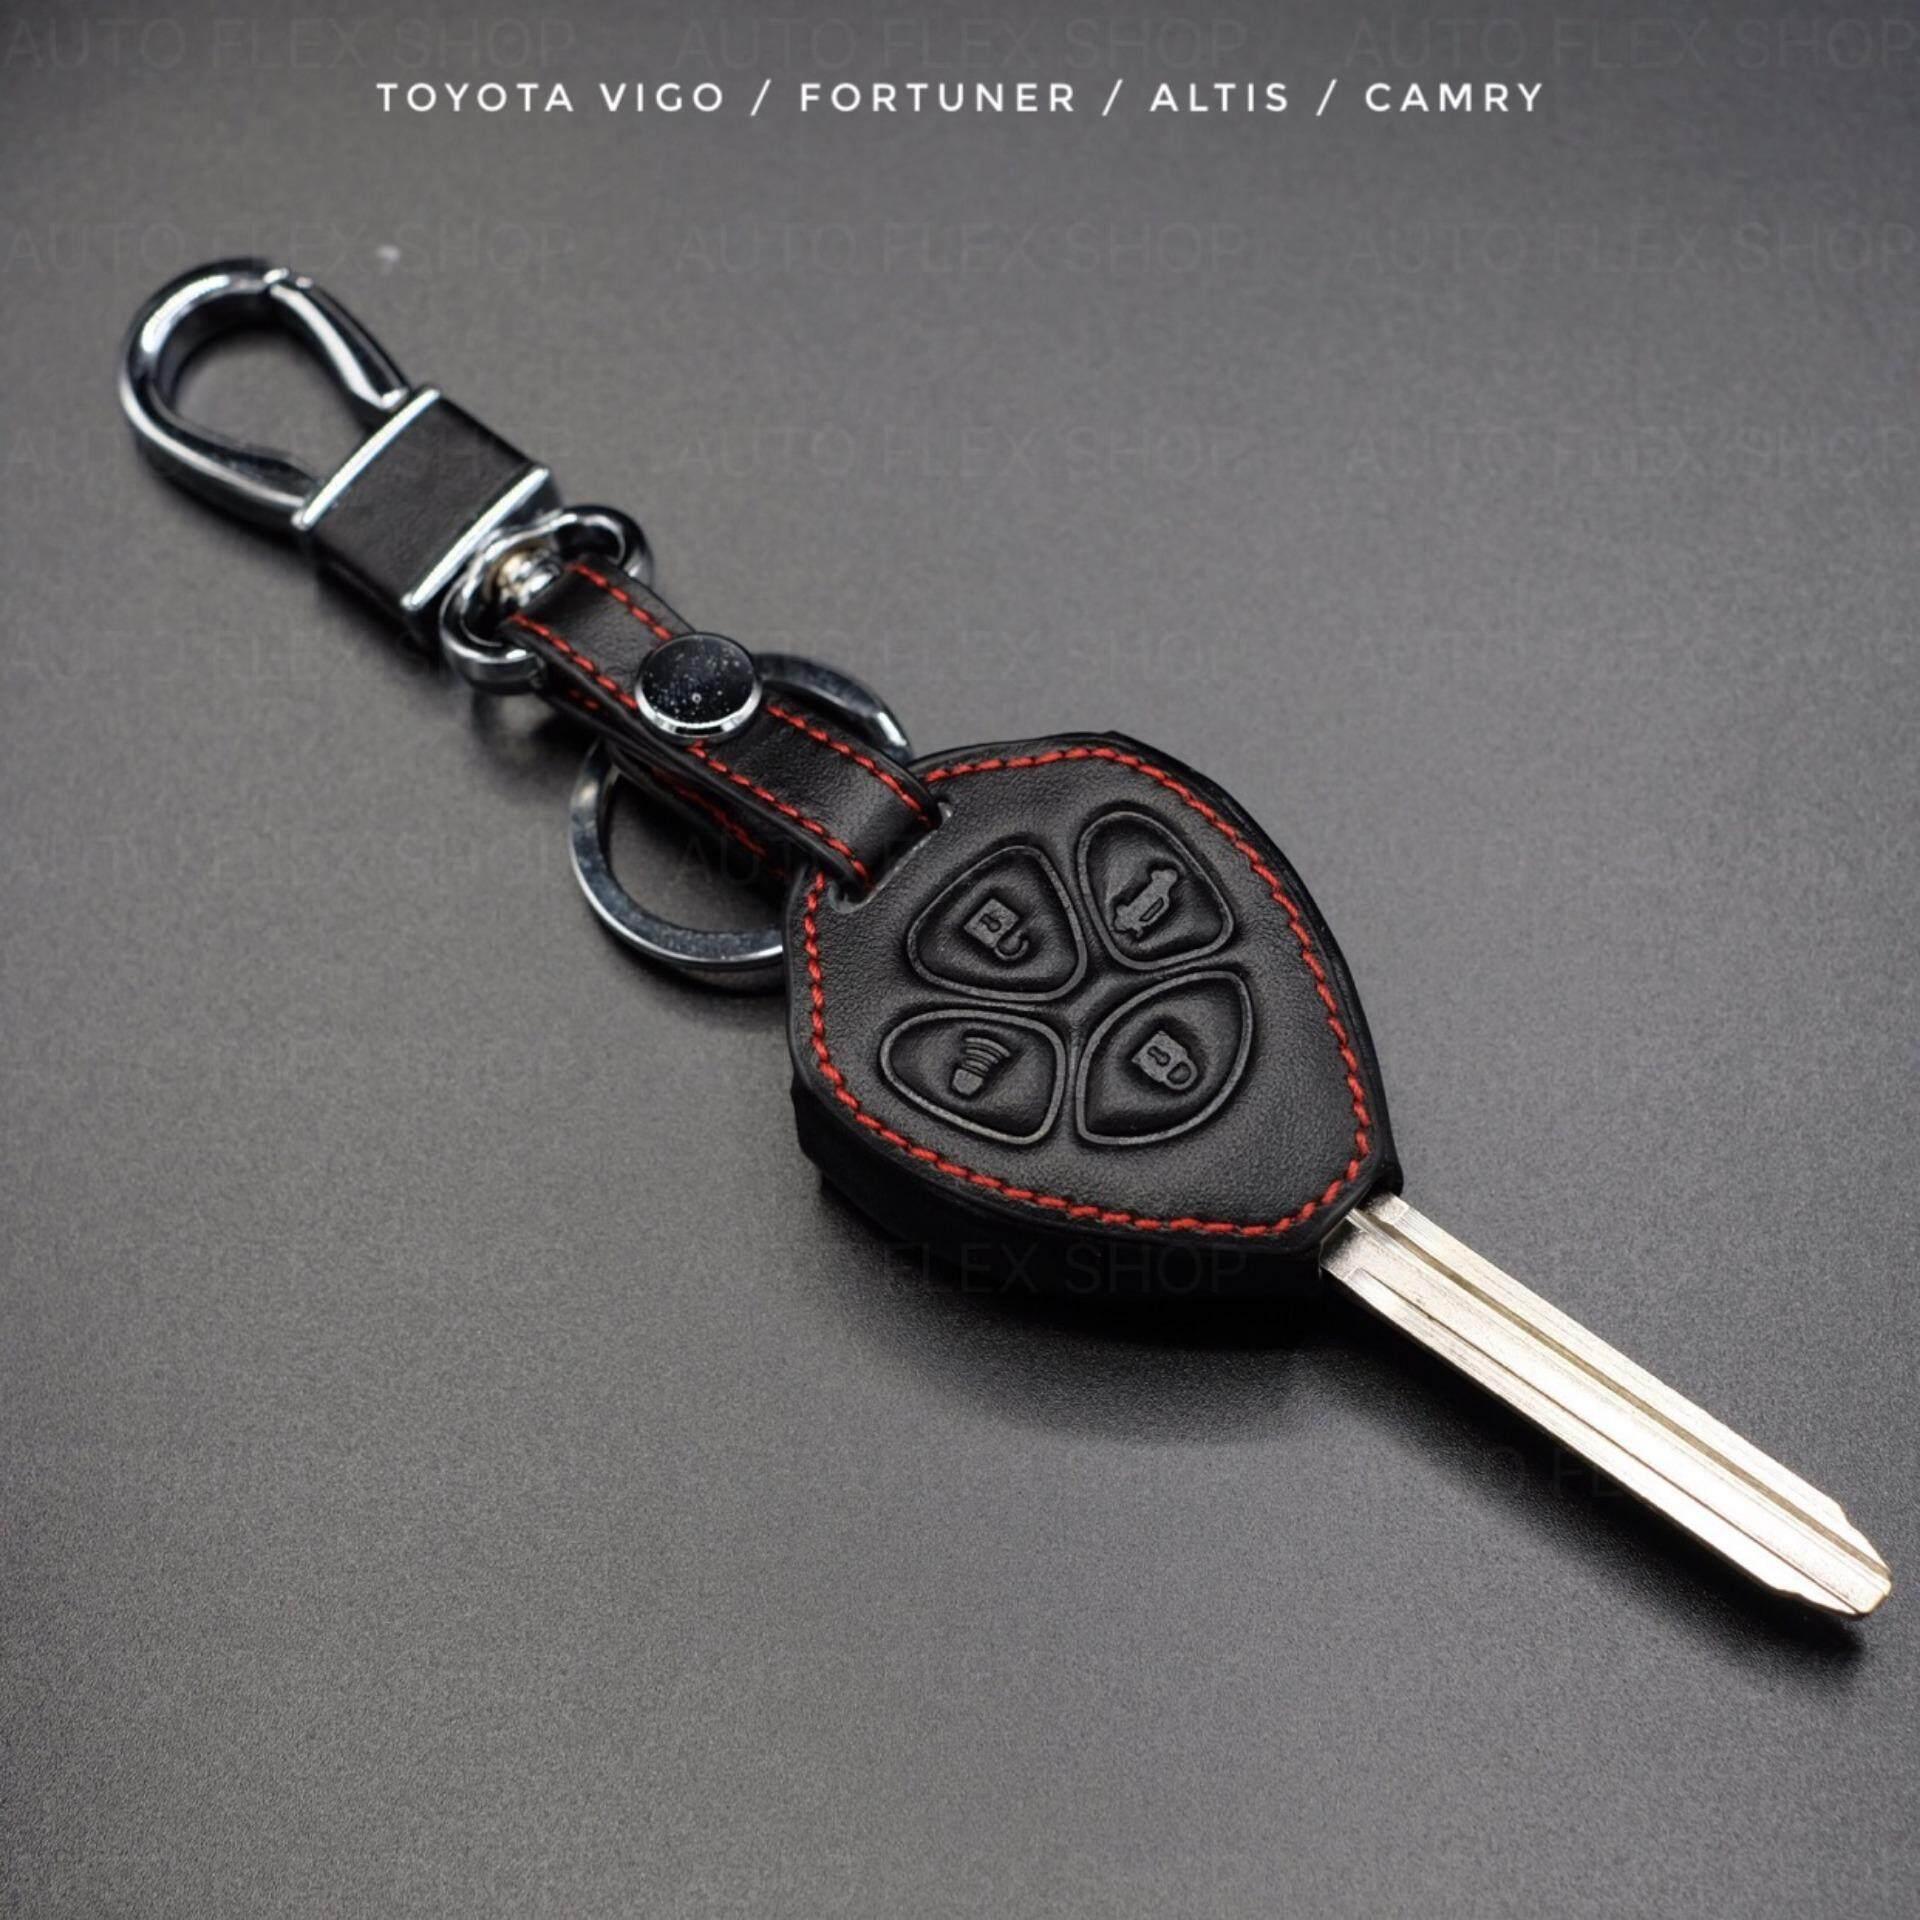 ราคา ซองหนัง Toyota Altis Camry Vigo Fortuner ออนไลน์ กรุงเทพมหานคร